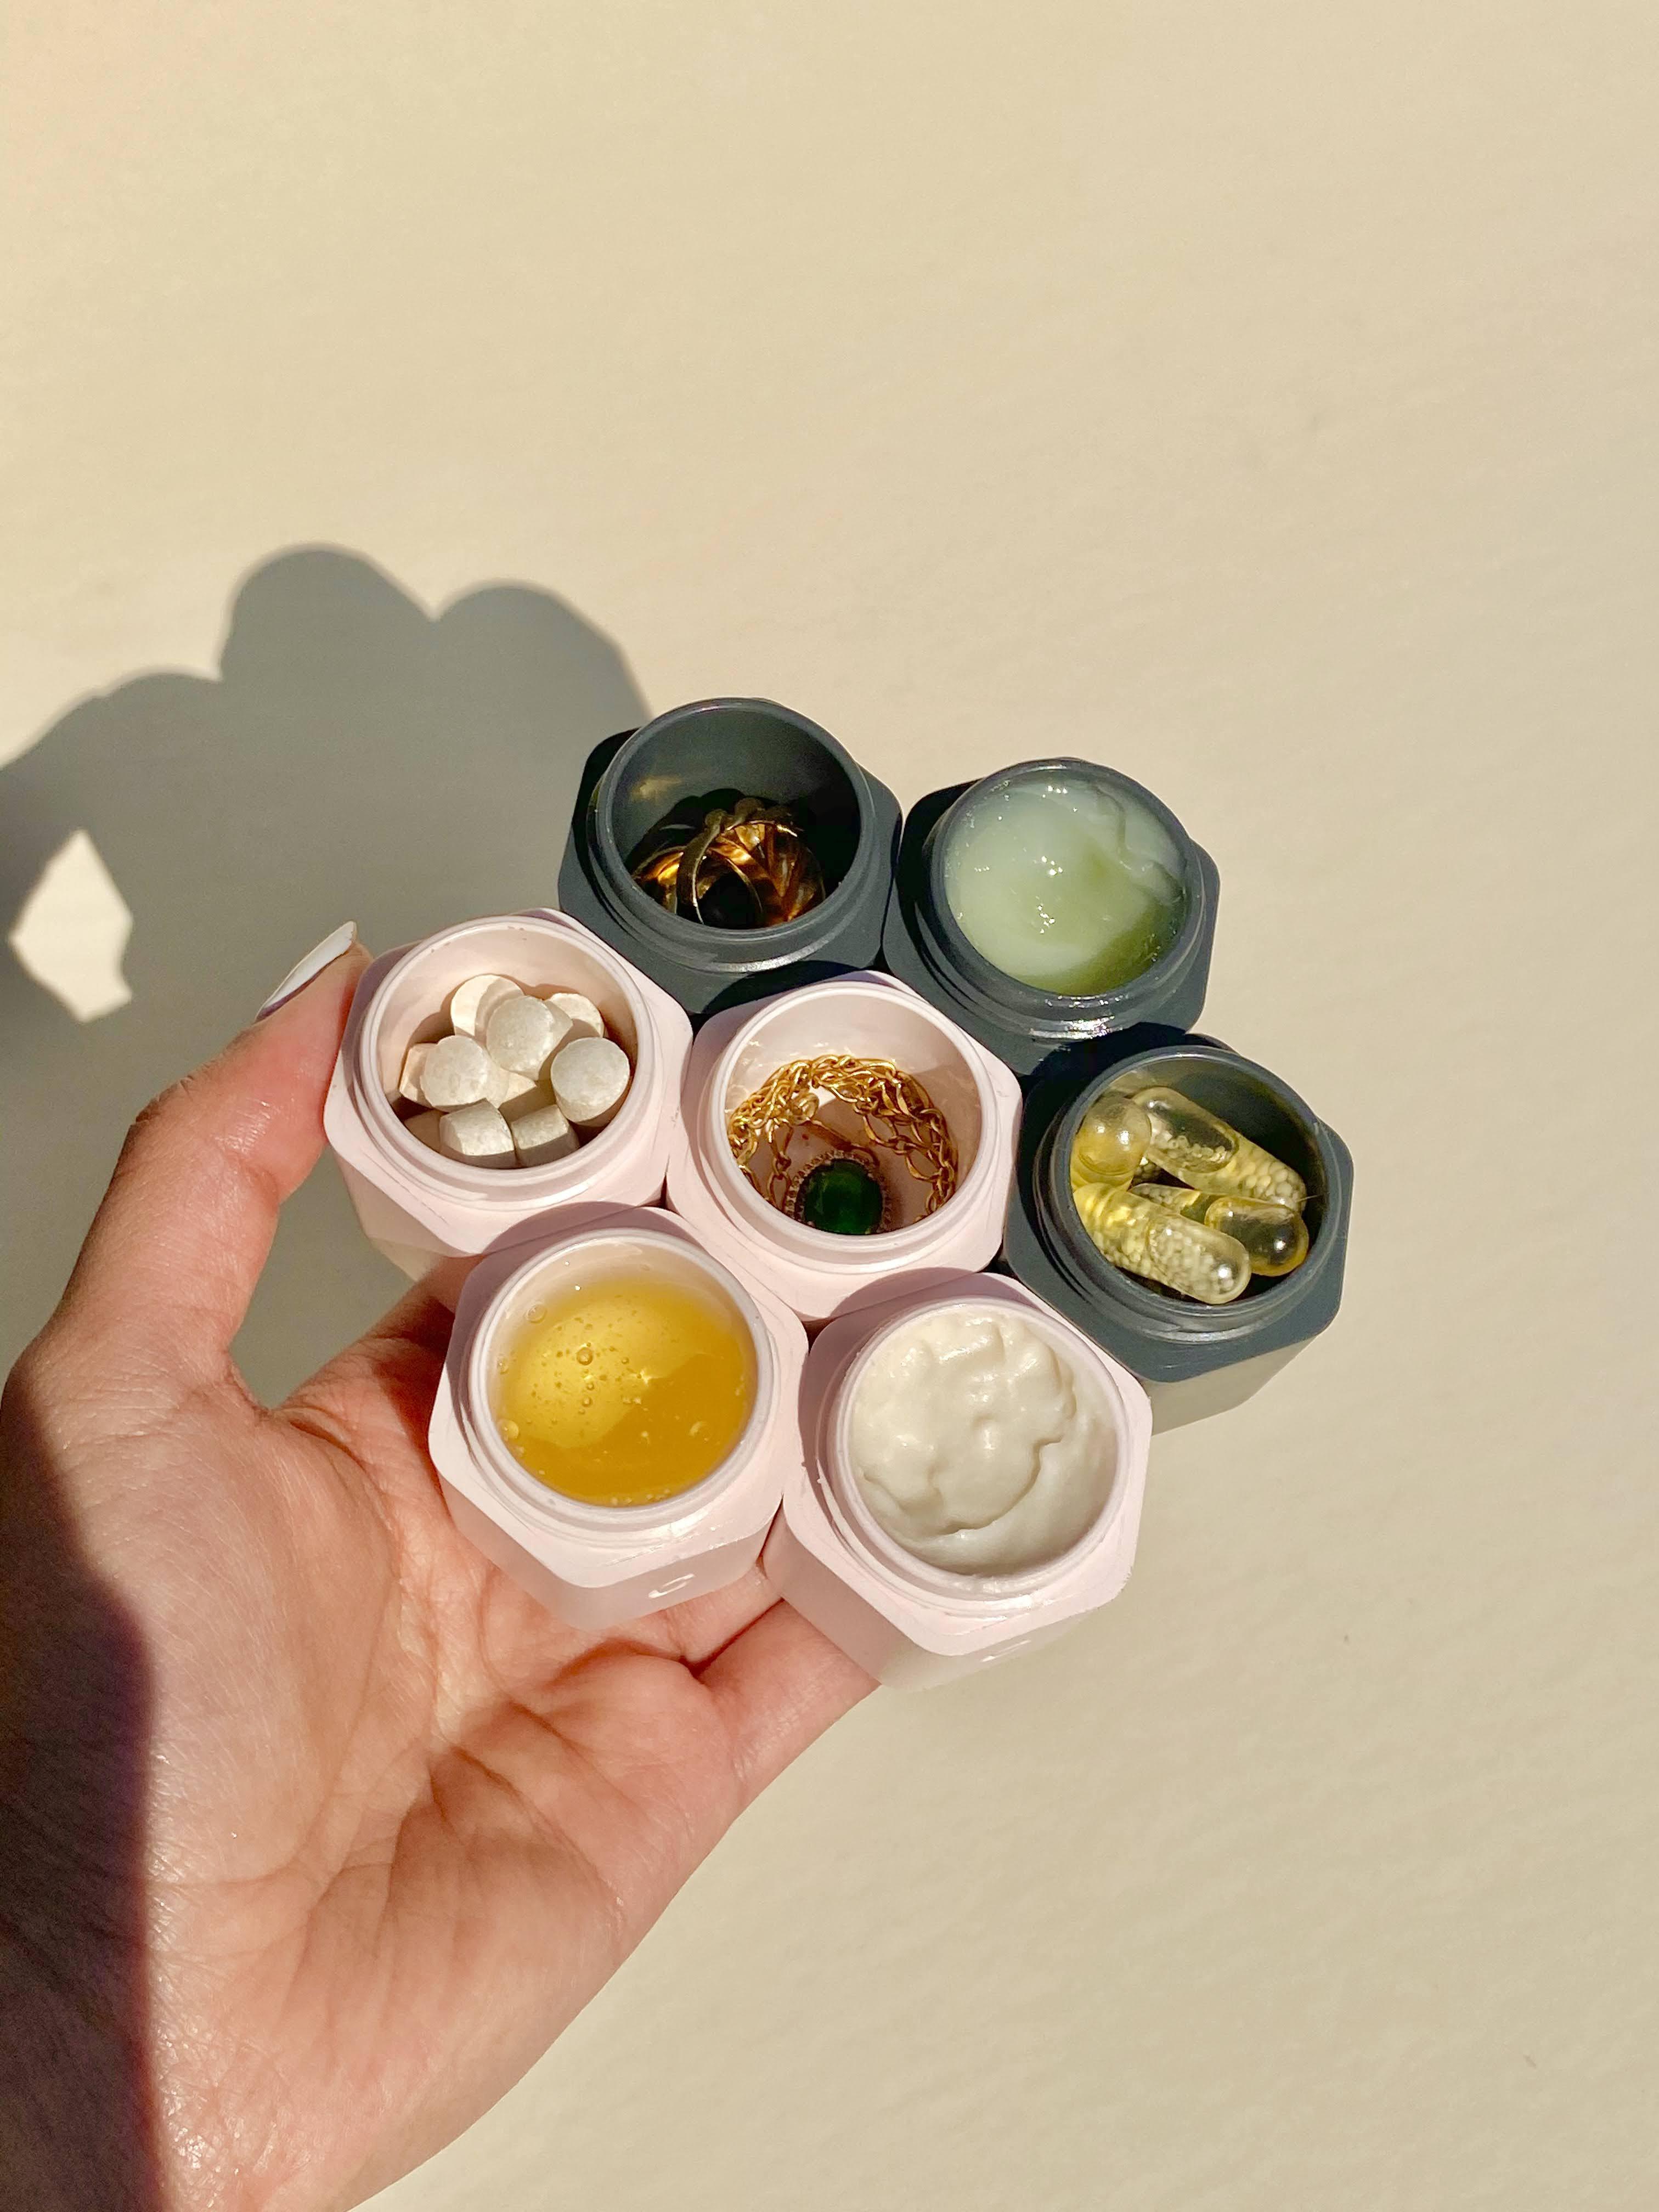 the capsules (7x)